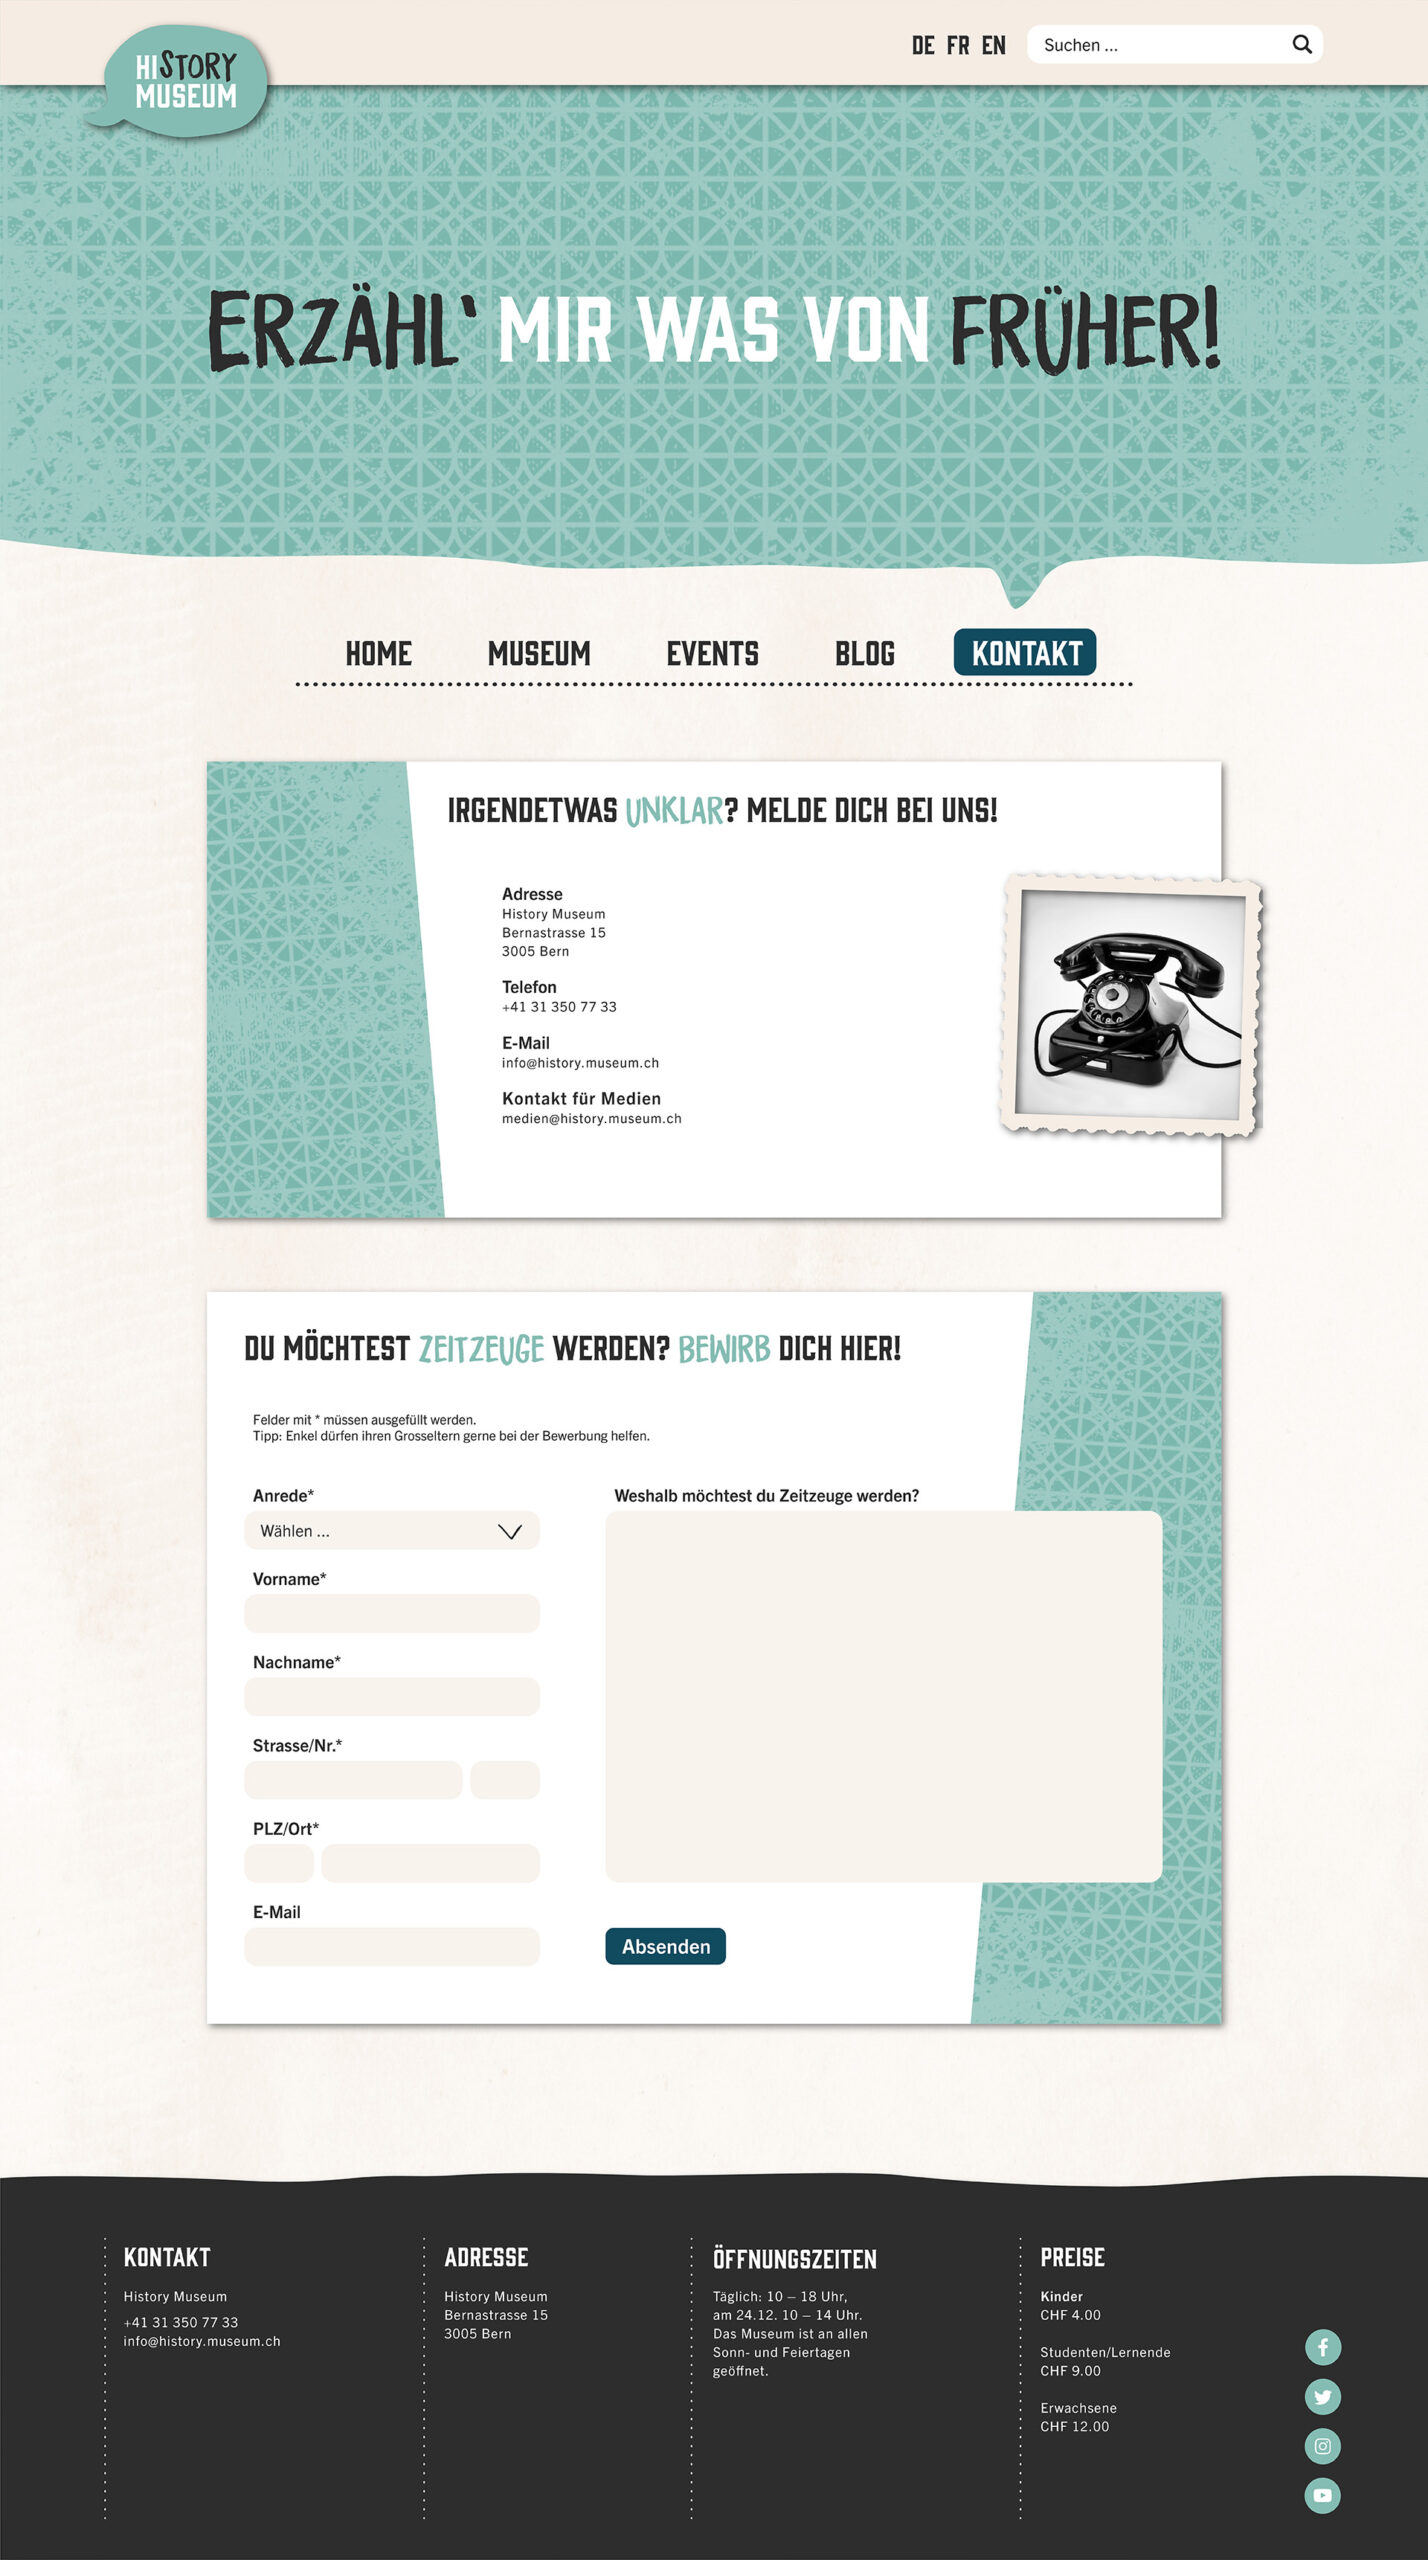 Website Mockup: Kontaktseite des History Museums